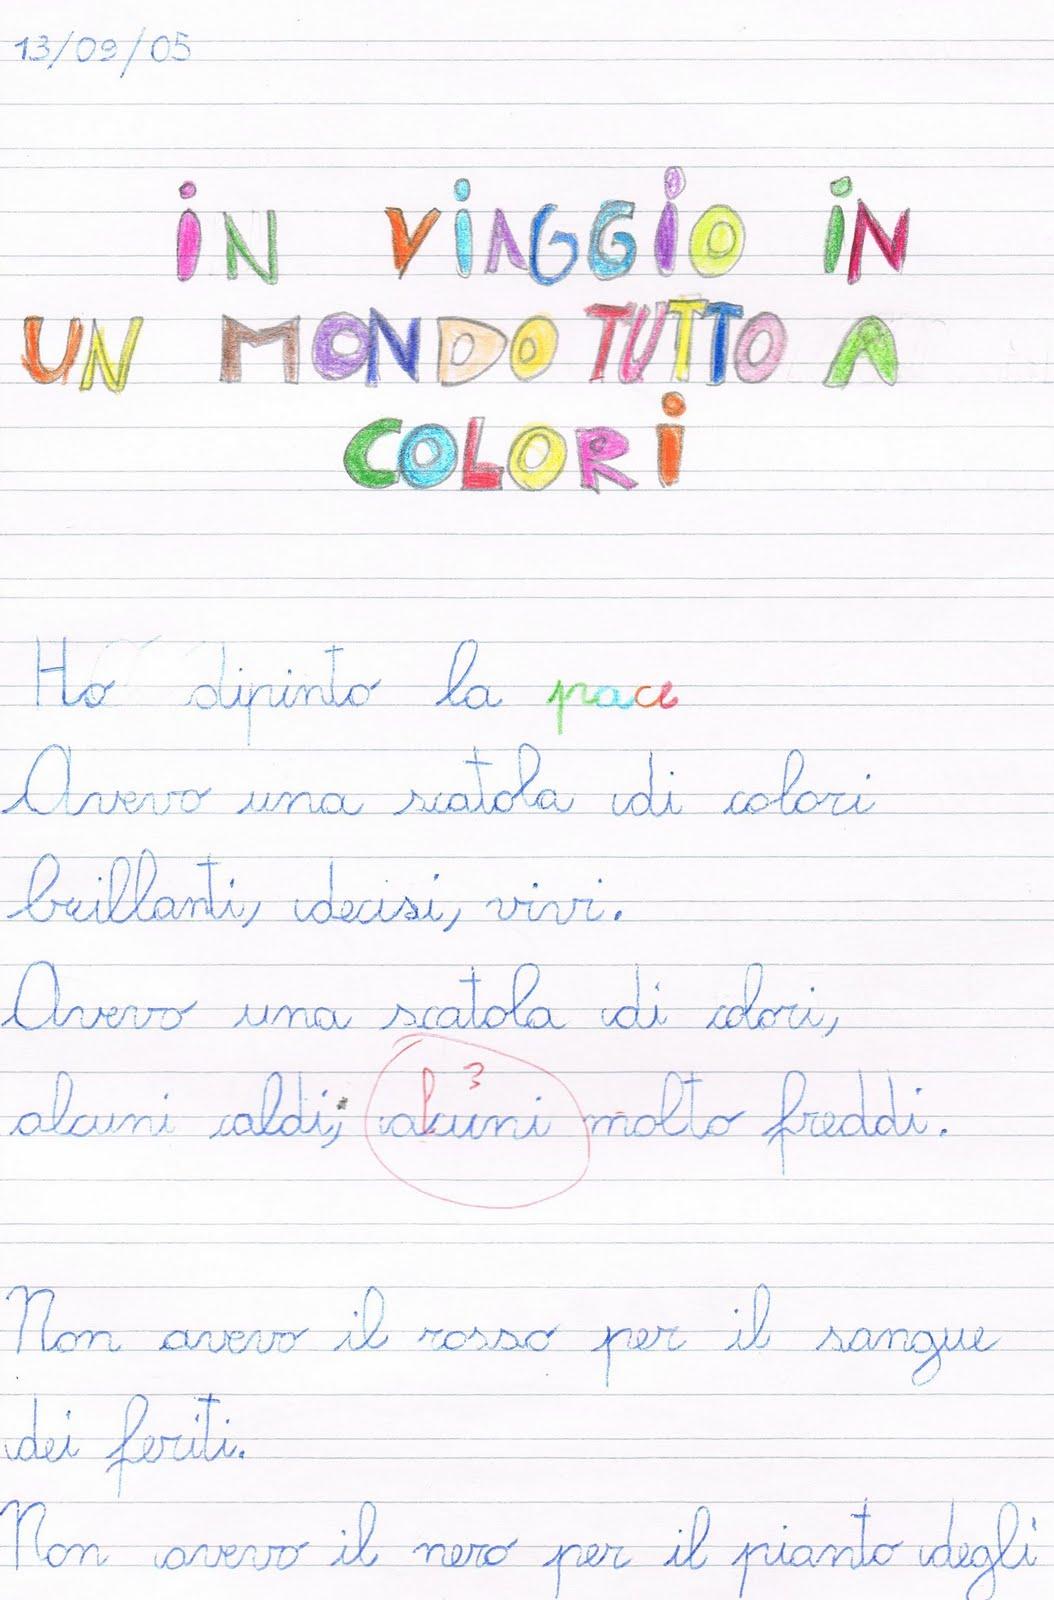 Favorito Primi giorni di scuola in classe terza - italiano KL53